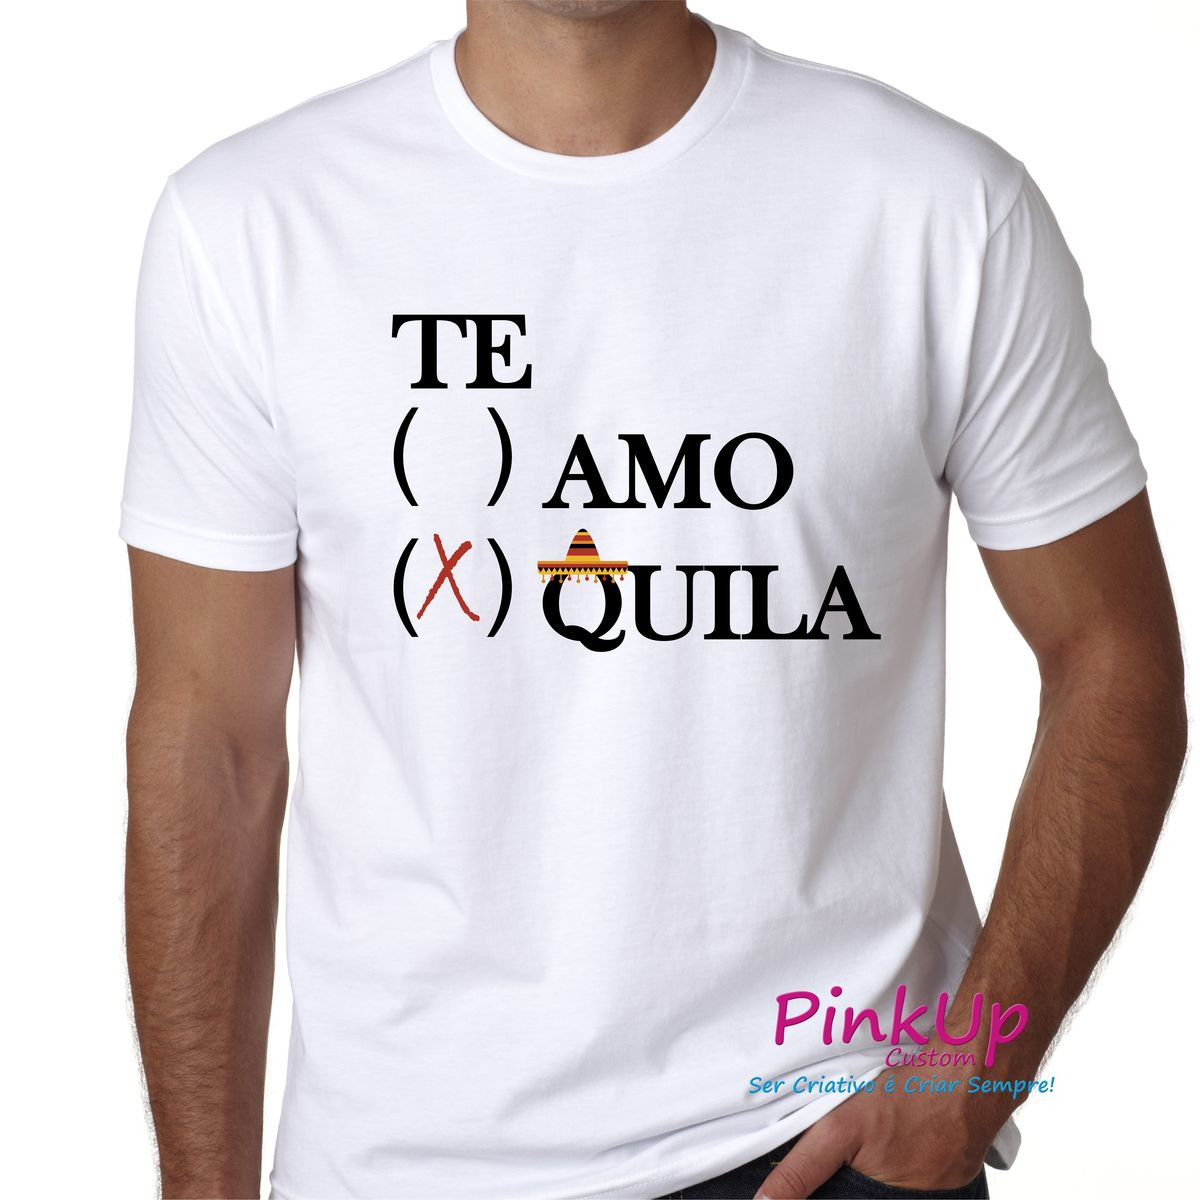 Camiseta Unissex - Tequila no Elo7  50501325e575a